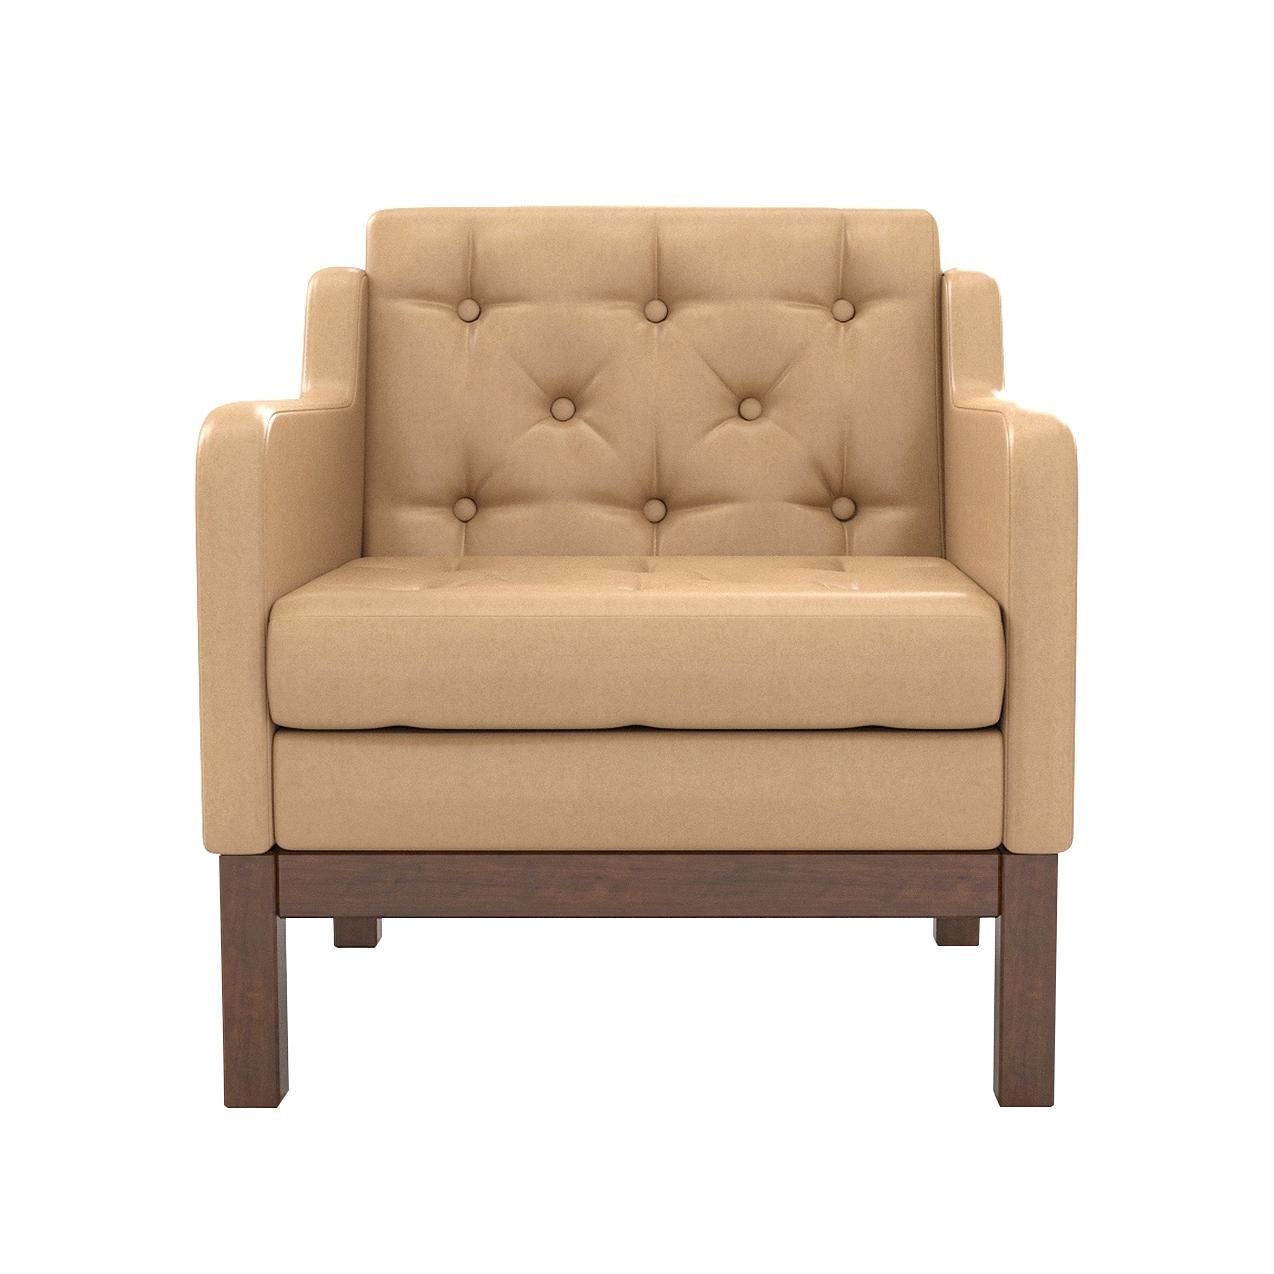 Кресло AS Алана 75.5x82x83 орех/кремовый недорого